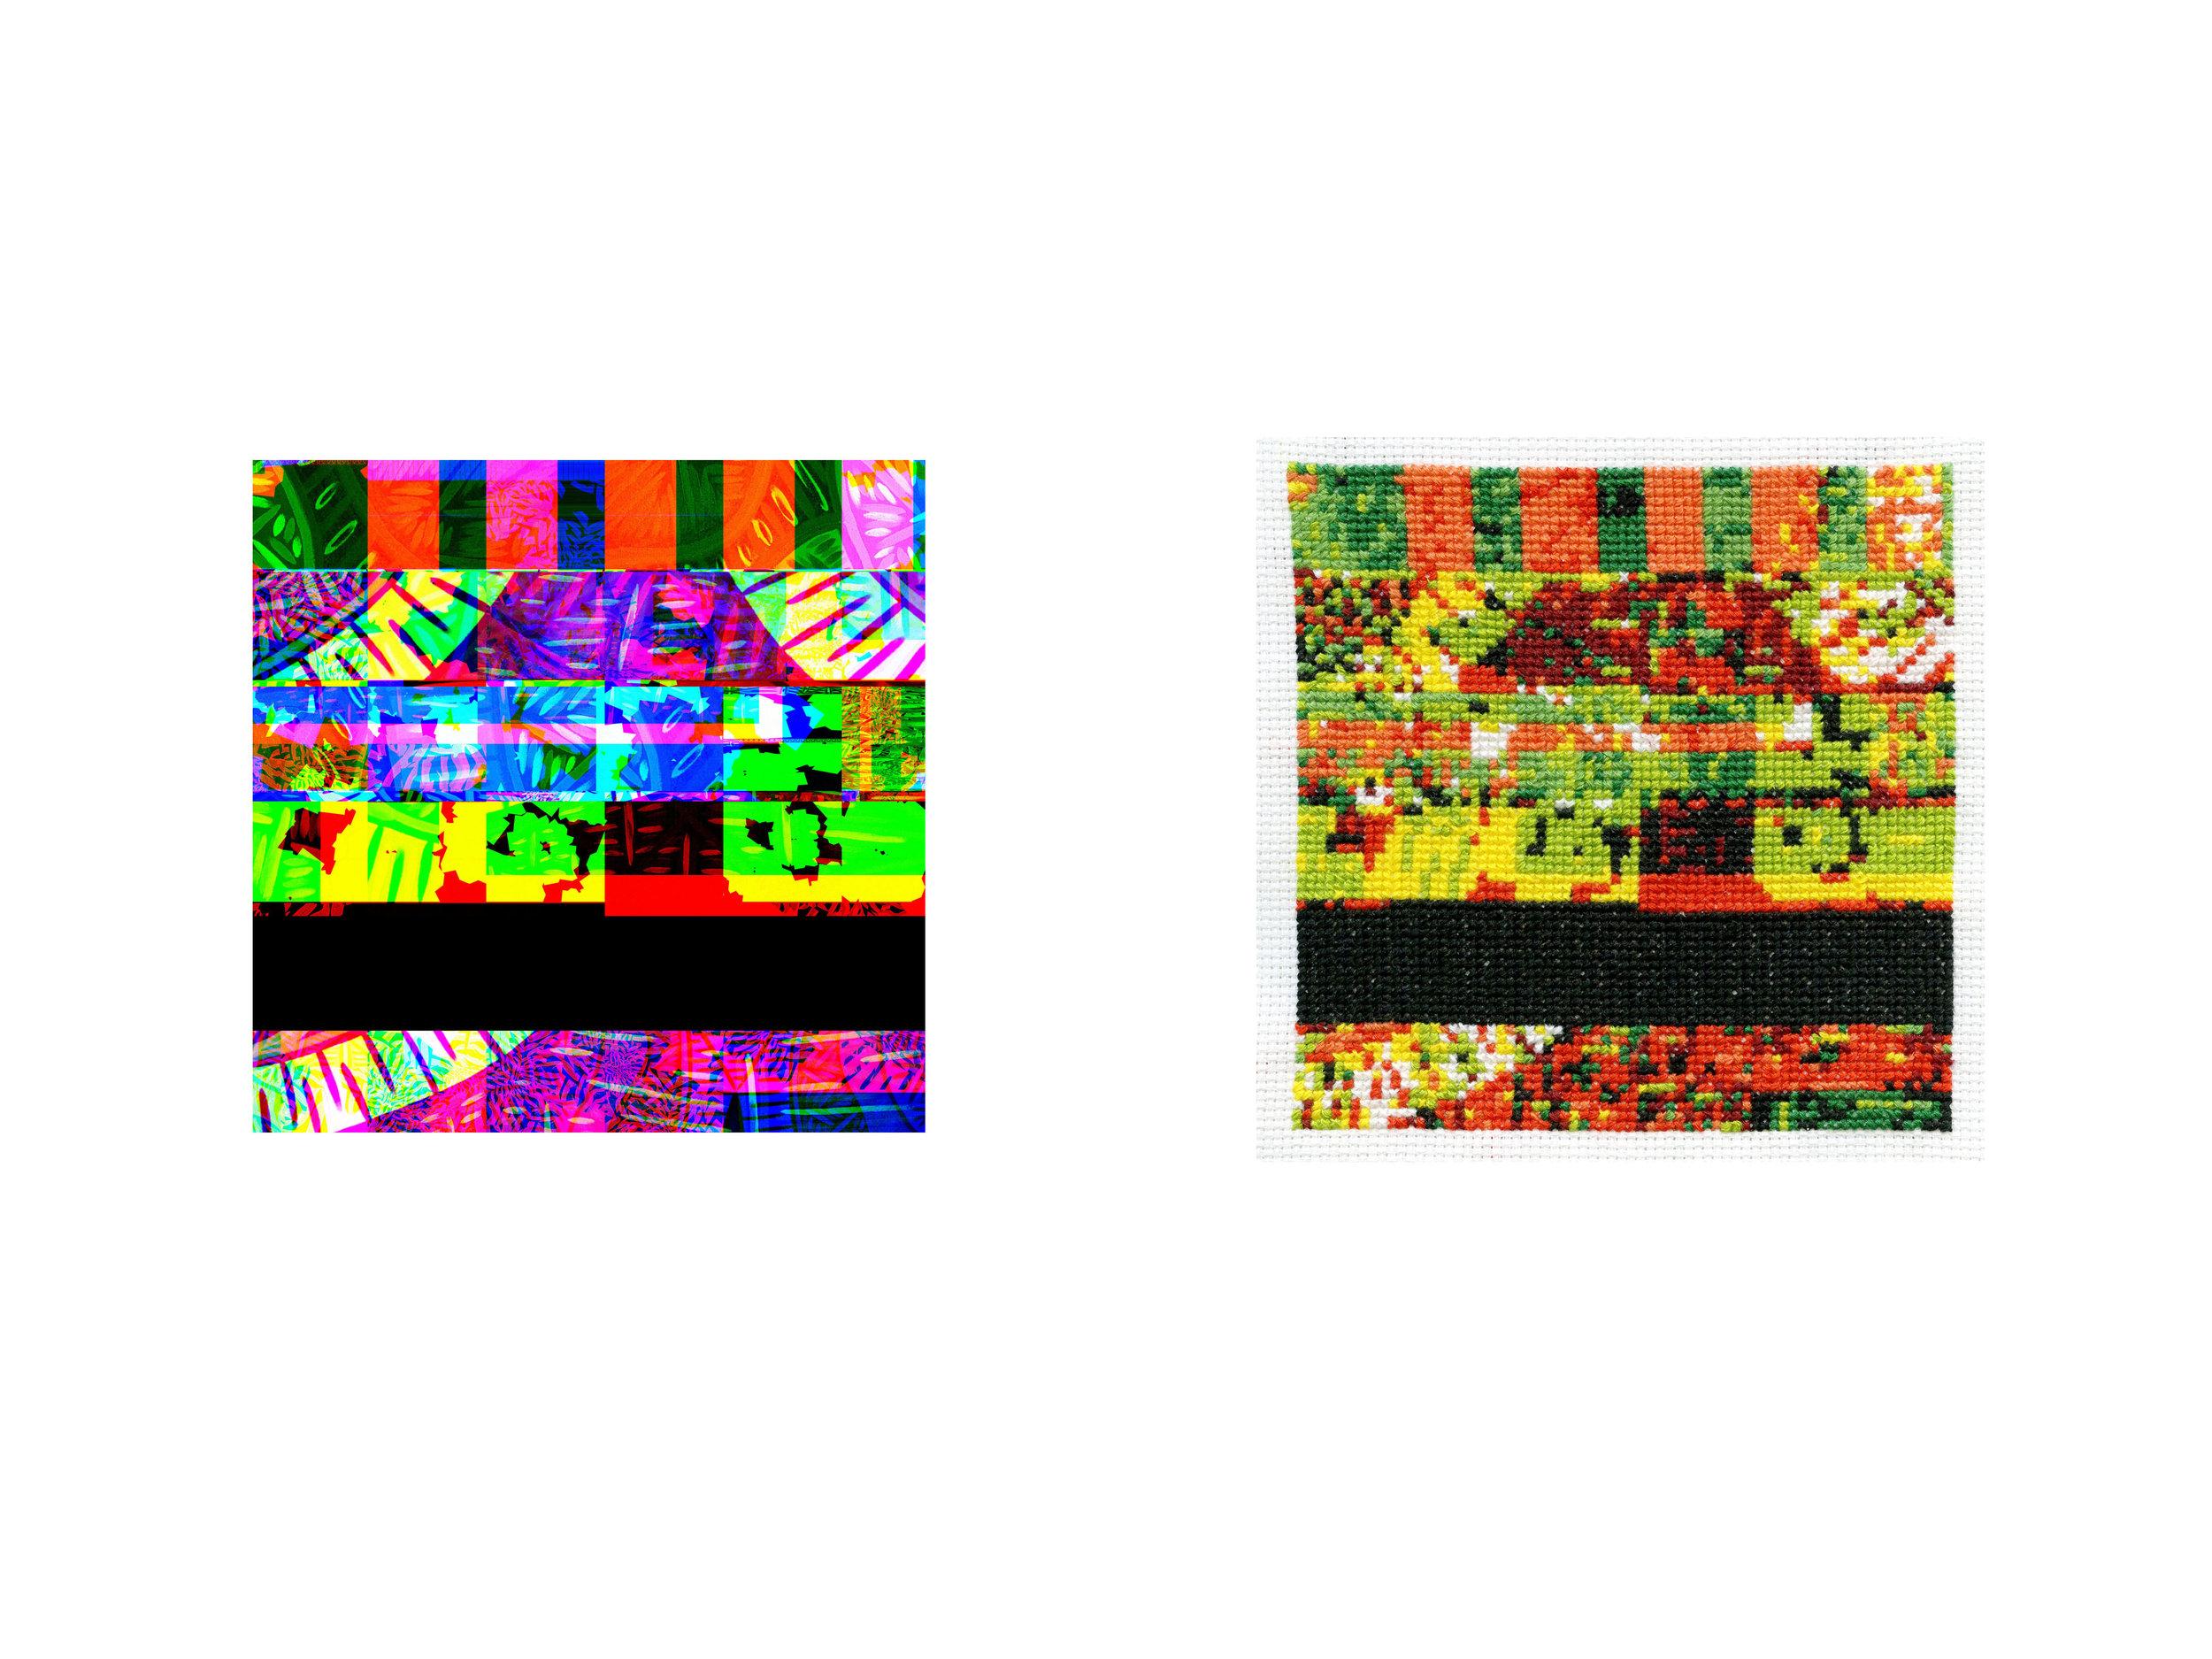 GlitchSeries03 - Crop_1_crop.jpg